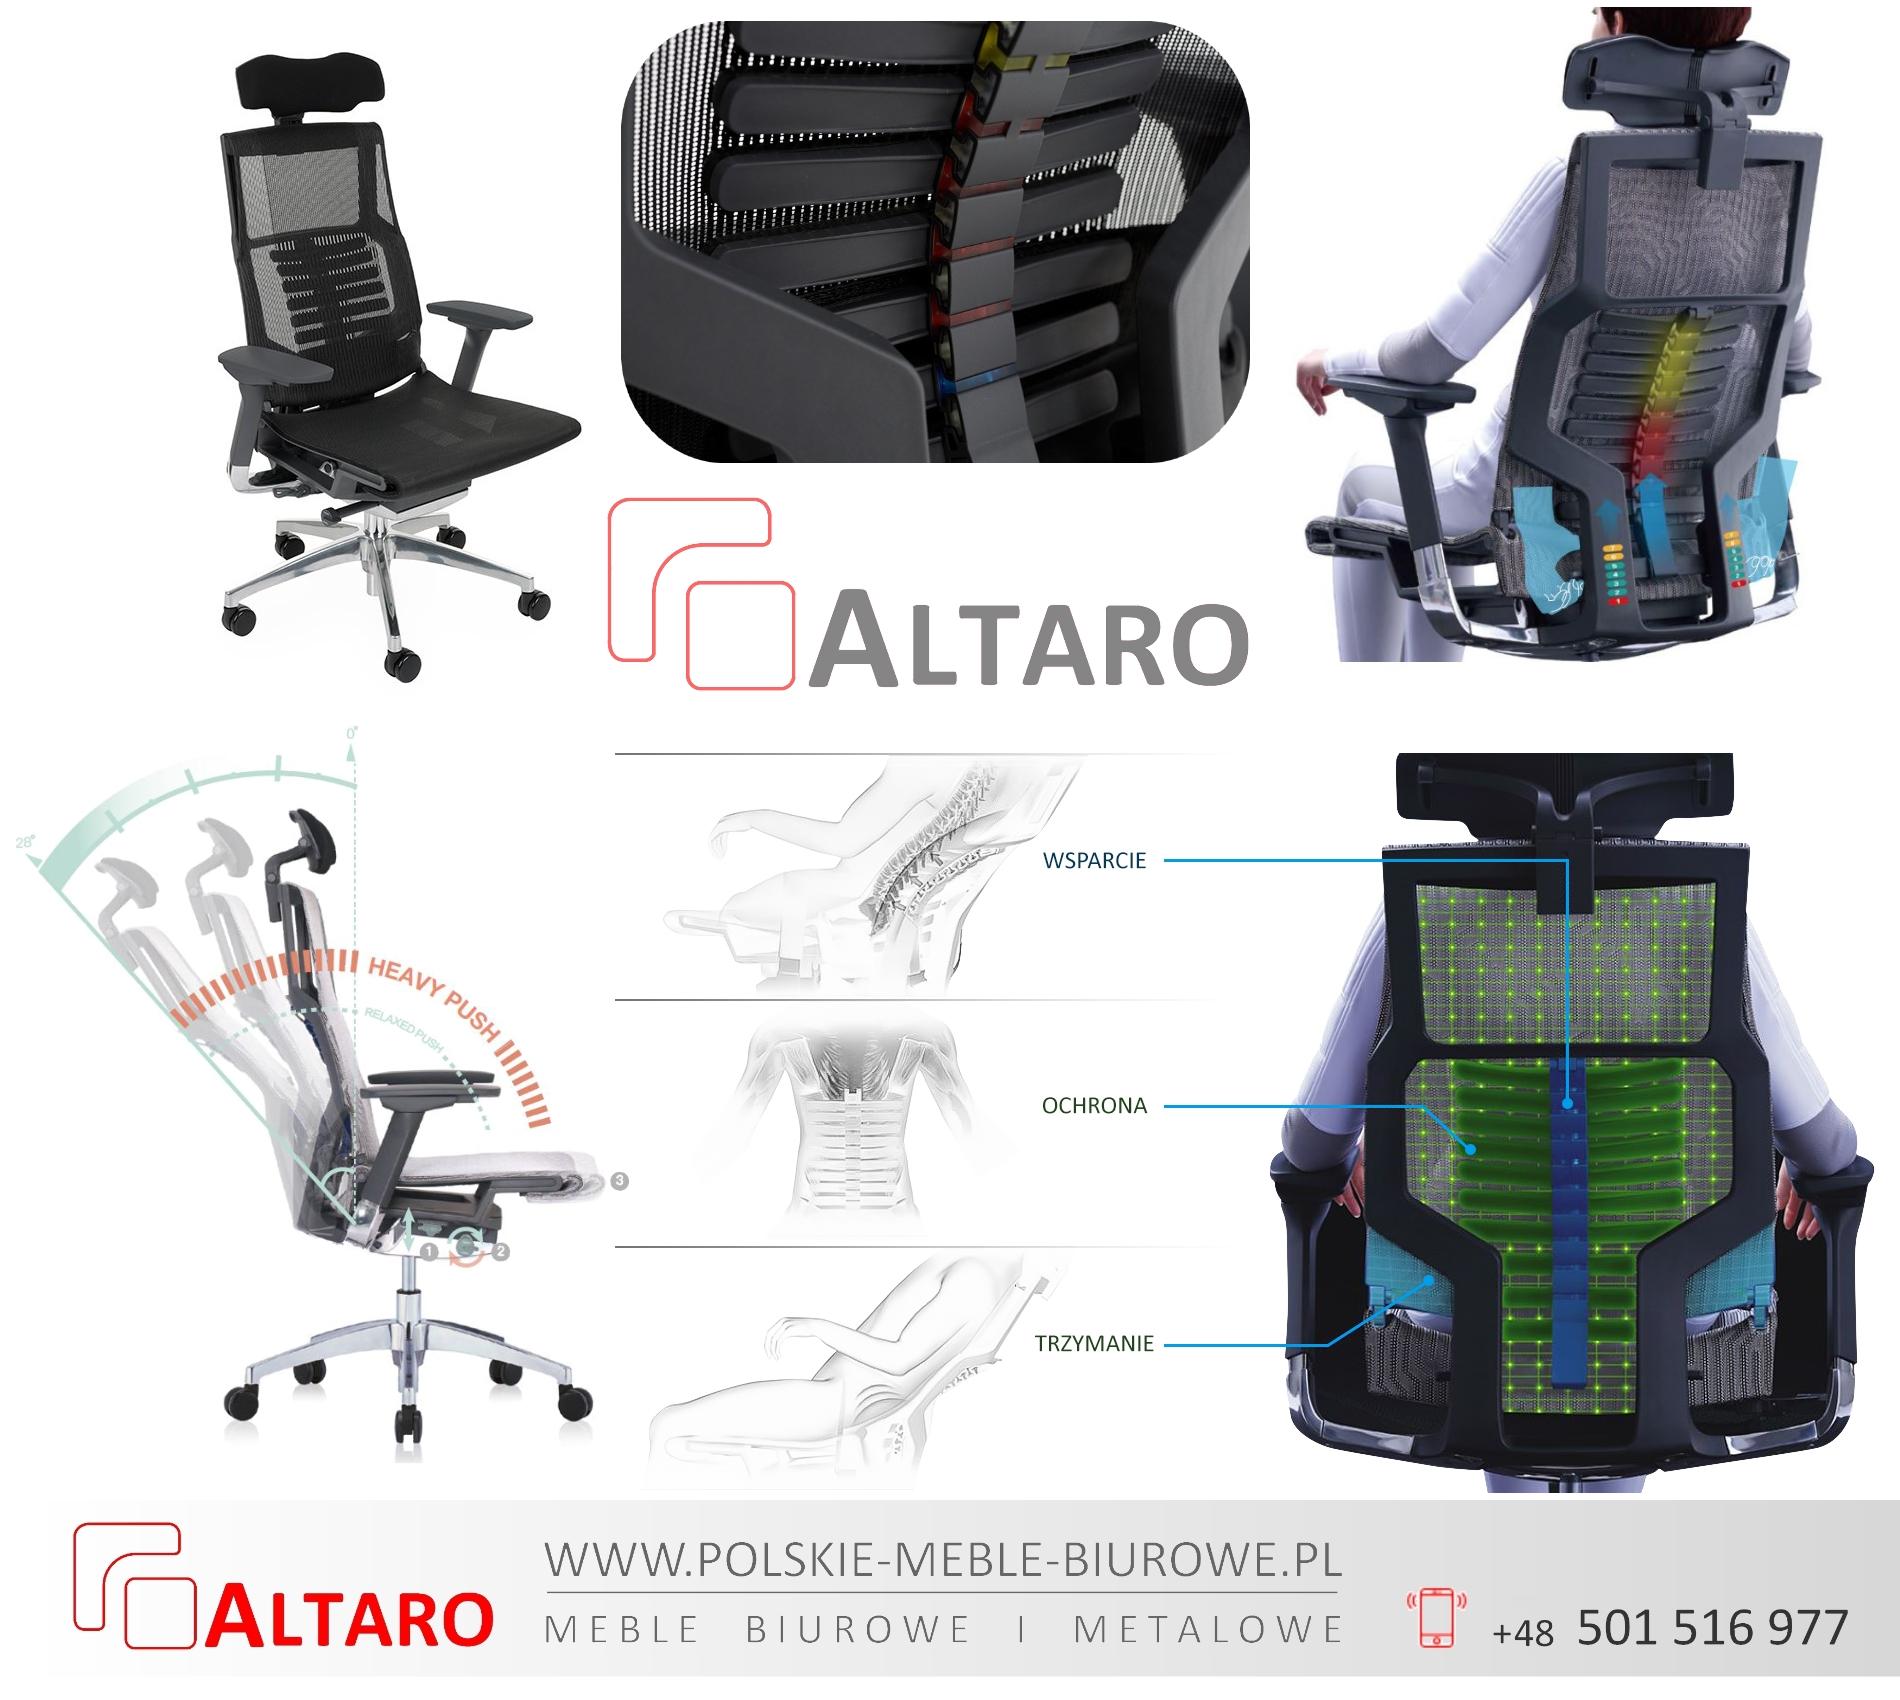 krzesło ergonomiczne biurowe POFIT, promocja ALTARO